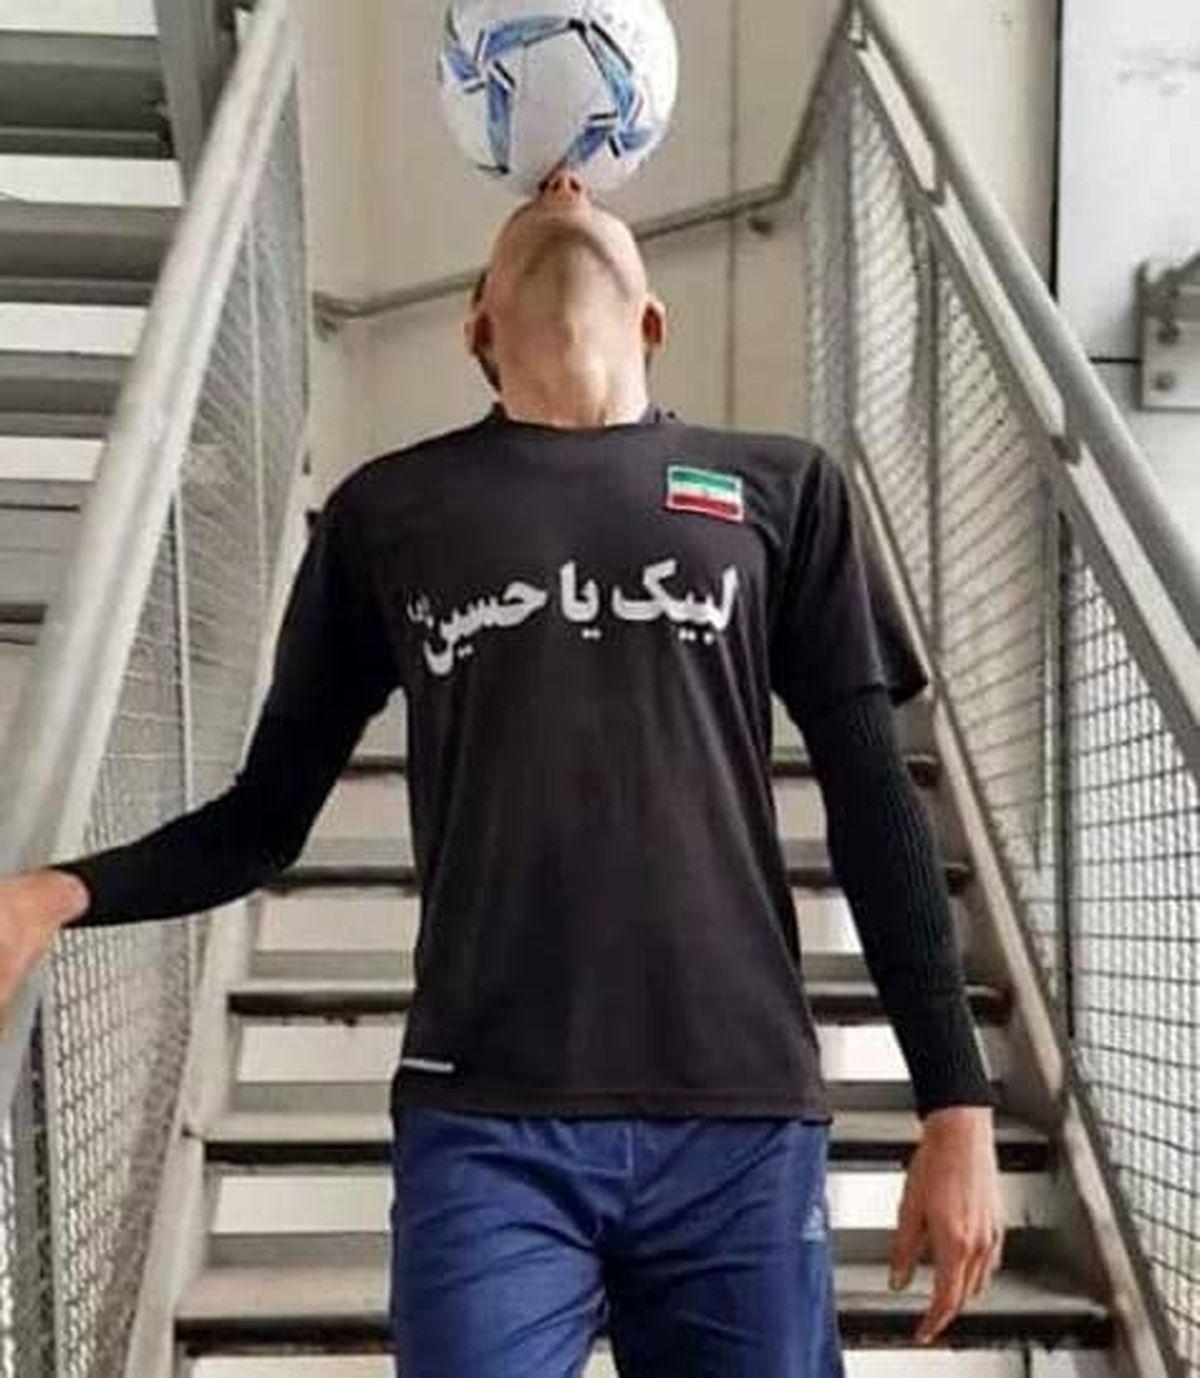 فوتبالیست ایرانی رکورددار برج میلاد شد + عکس